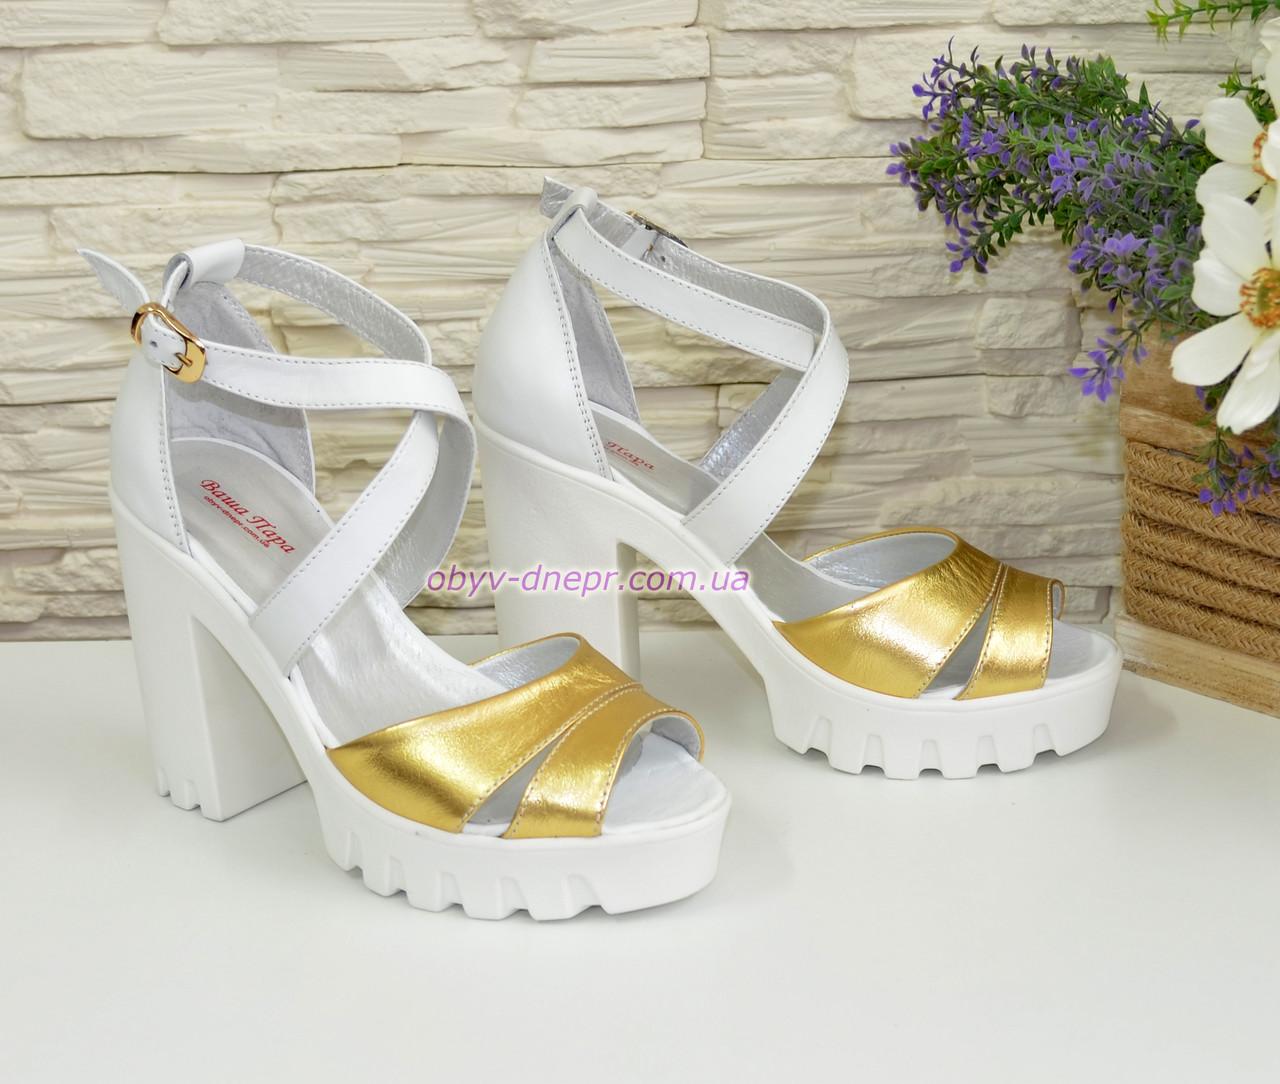 40e410fa6fab Босоножки женские на высоком каблуке, из натуральной кожи белого и золотого  цвета, ...